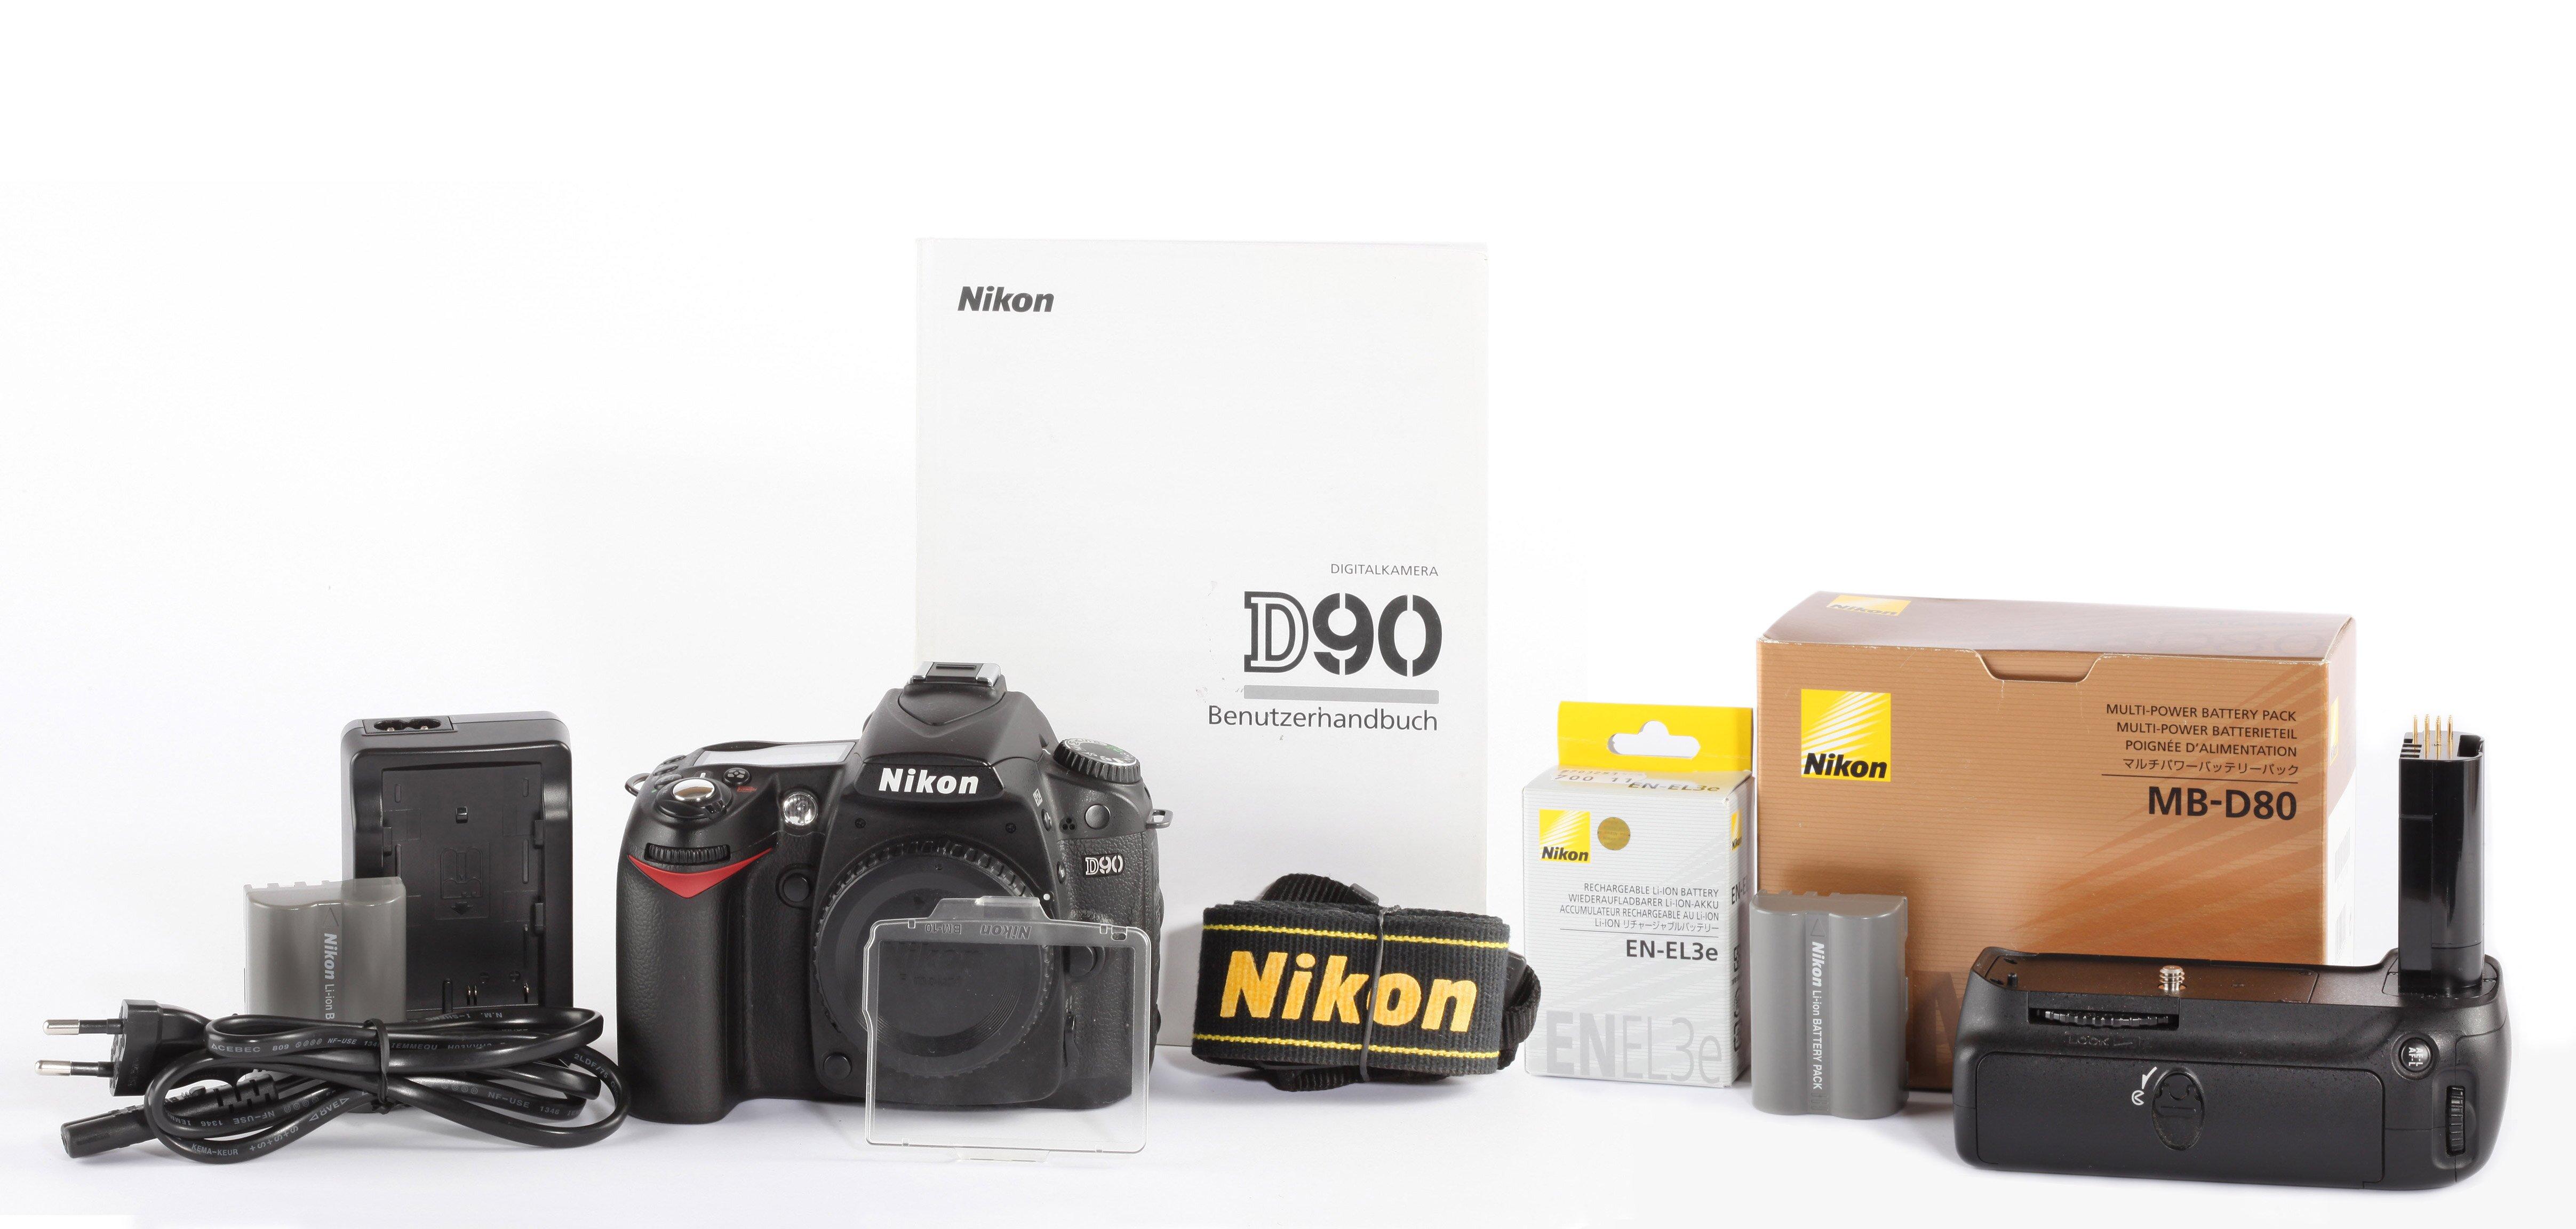 Nikon D90 + Nikon MB-D80 26900 Auslösungen